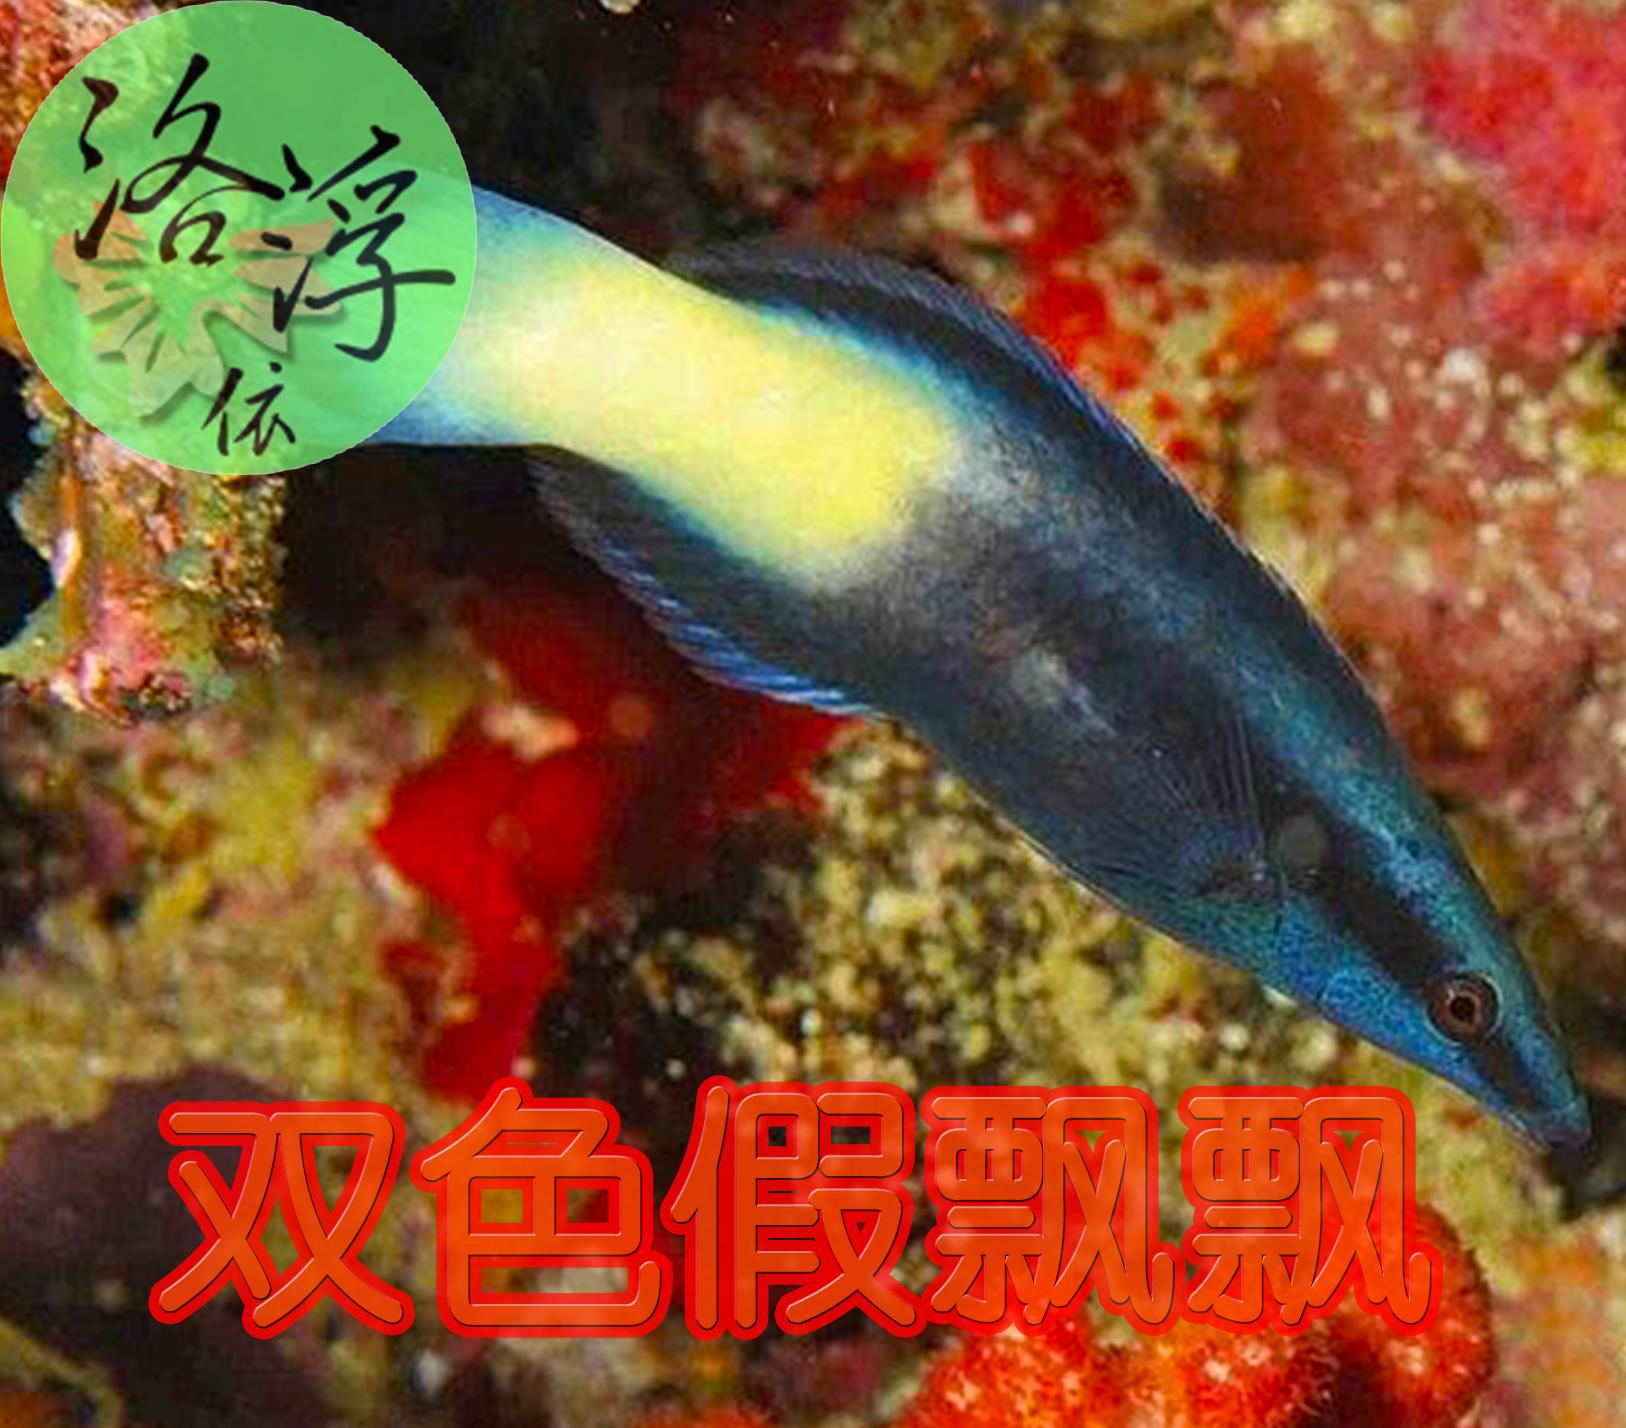 Двойной цвет ложный поплавок поплавок морская вода рыба живая тело большой глава рыба кроме насекомое эксперт температура спокойный легко подача поддержка не больно коралловый